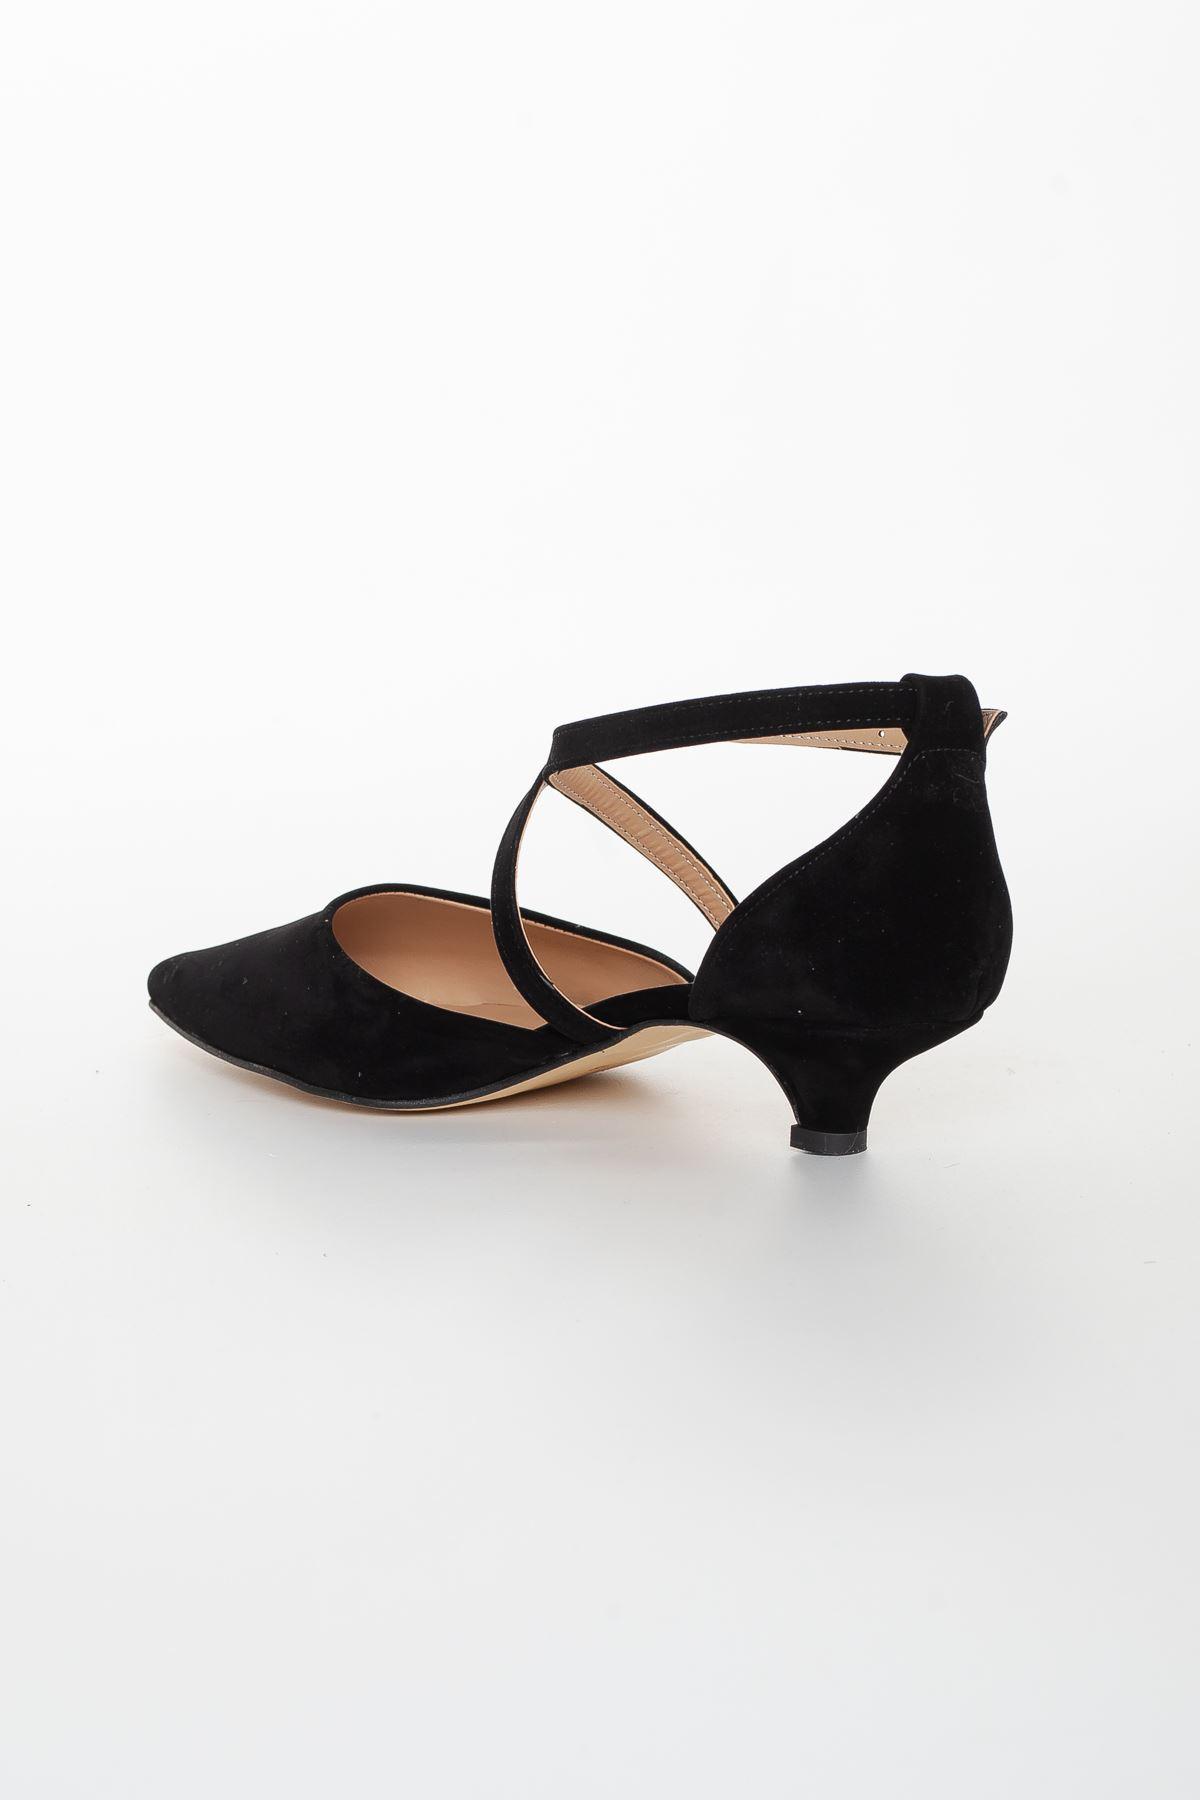 Noyan Topuklu Ayakkabı SİYAH SÜET